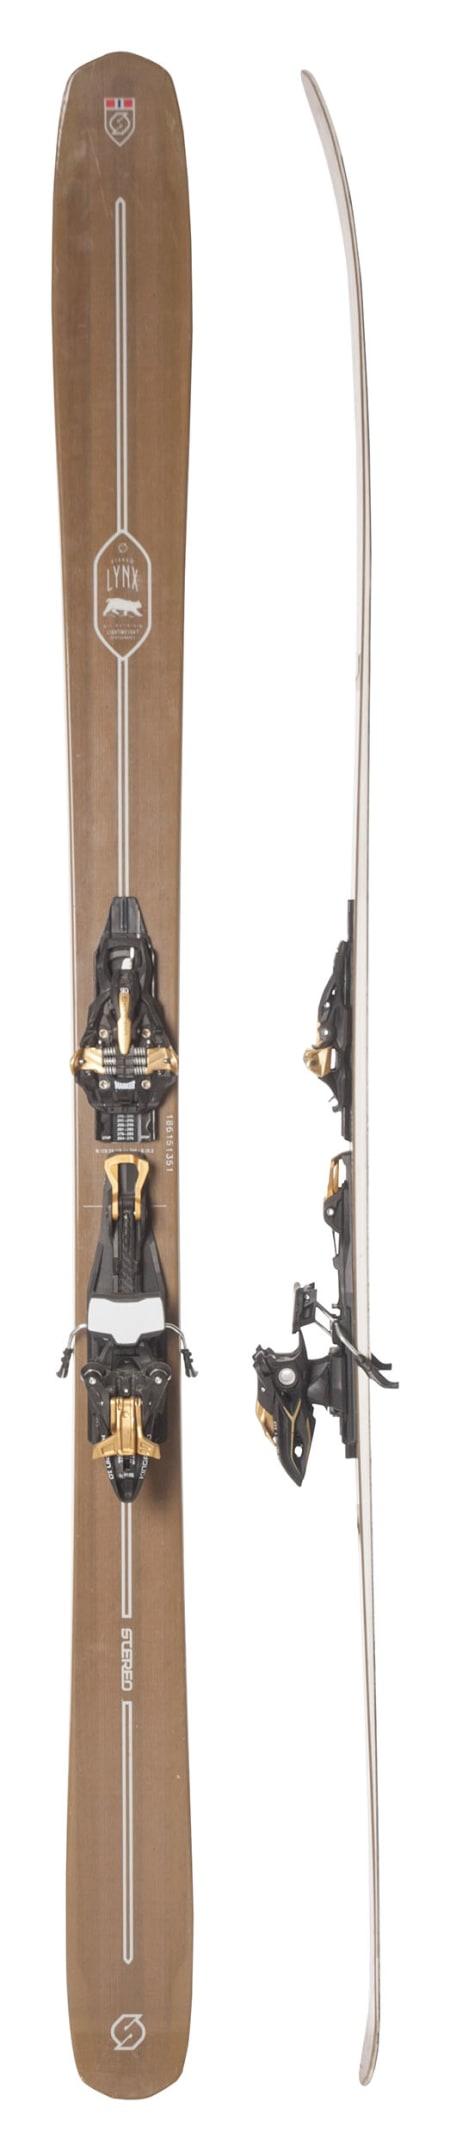 Stereo Lynx MK2